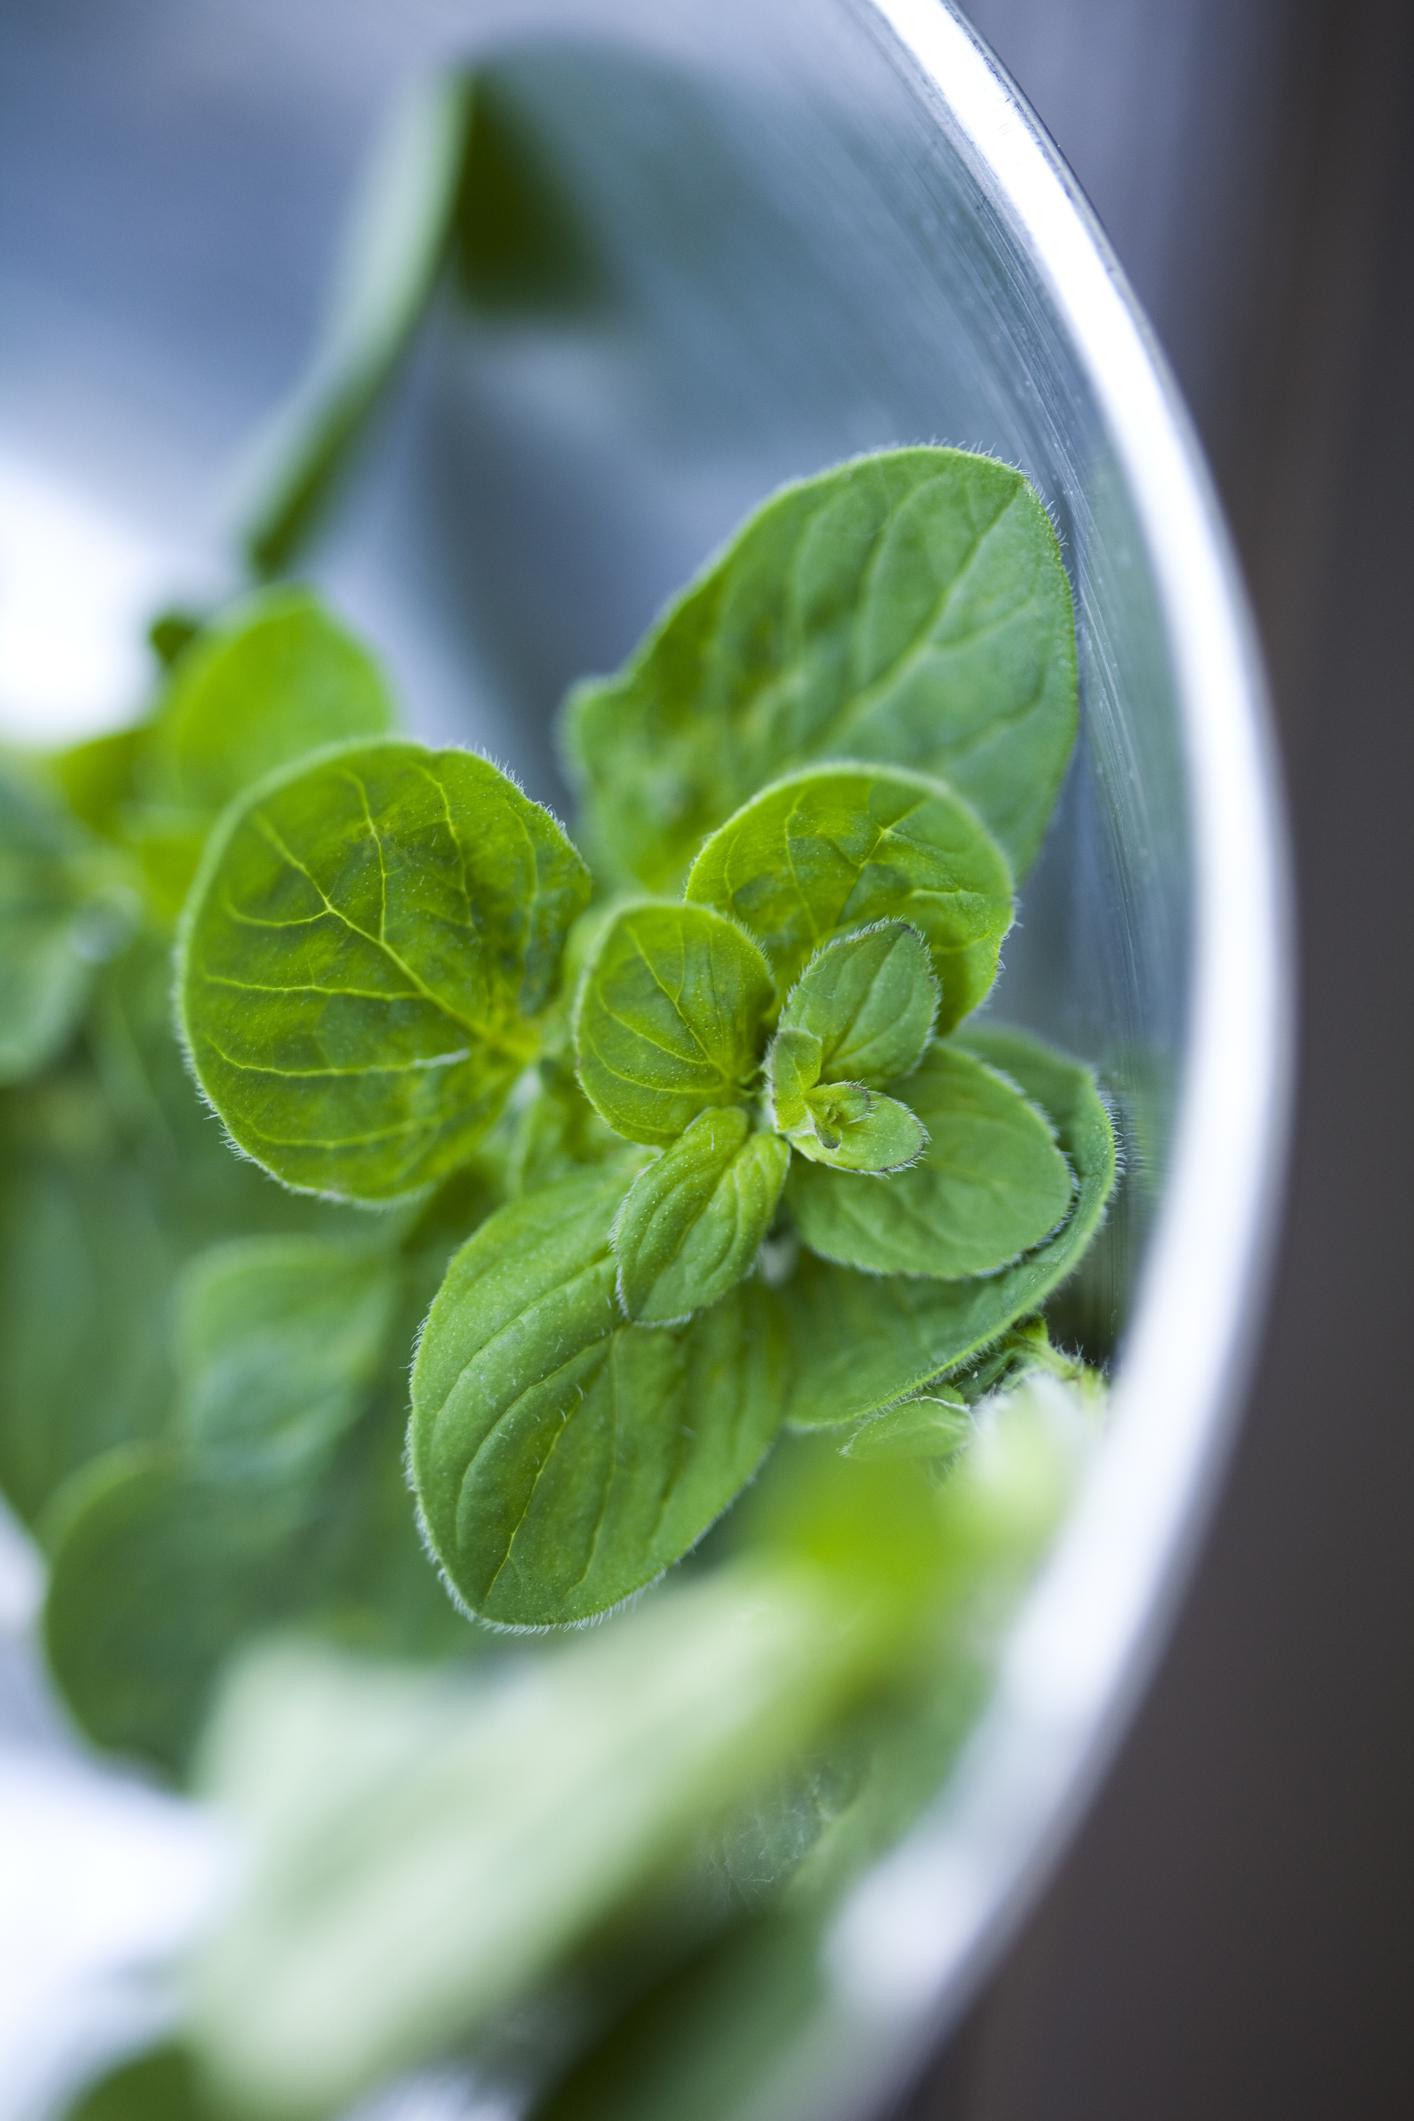 Melyik fűszert látod a képen növényként?